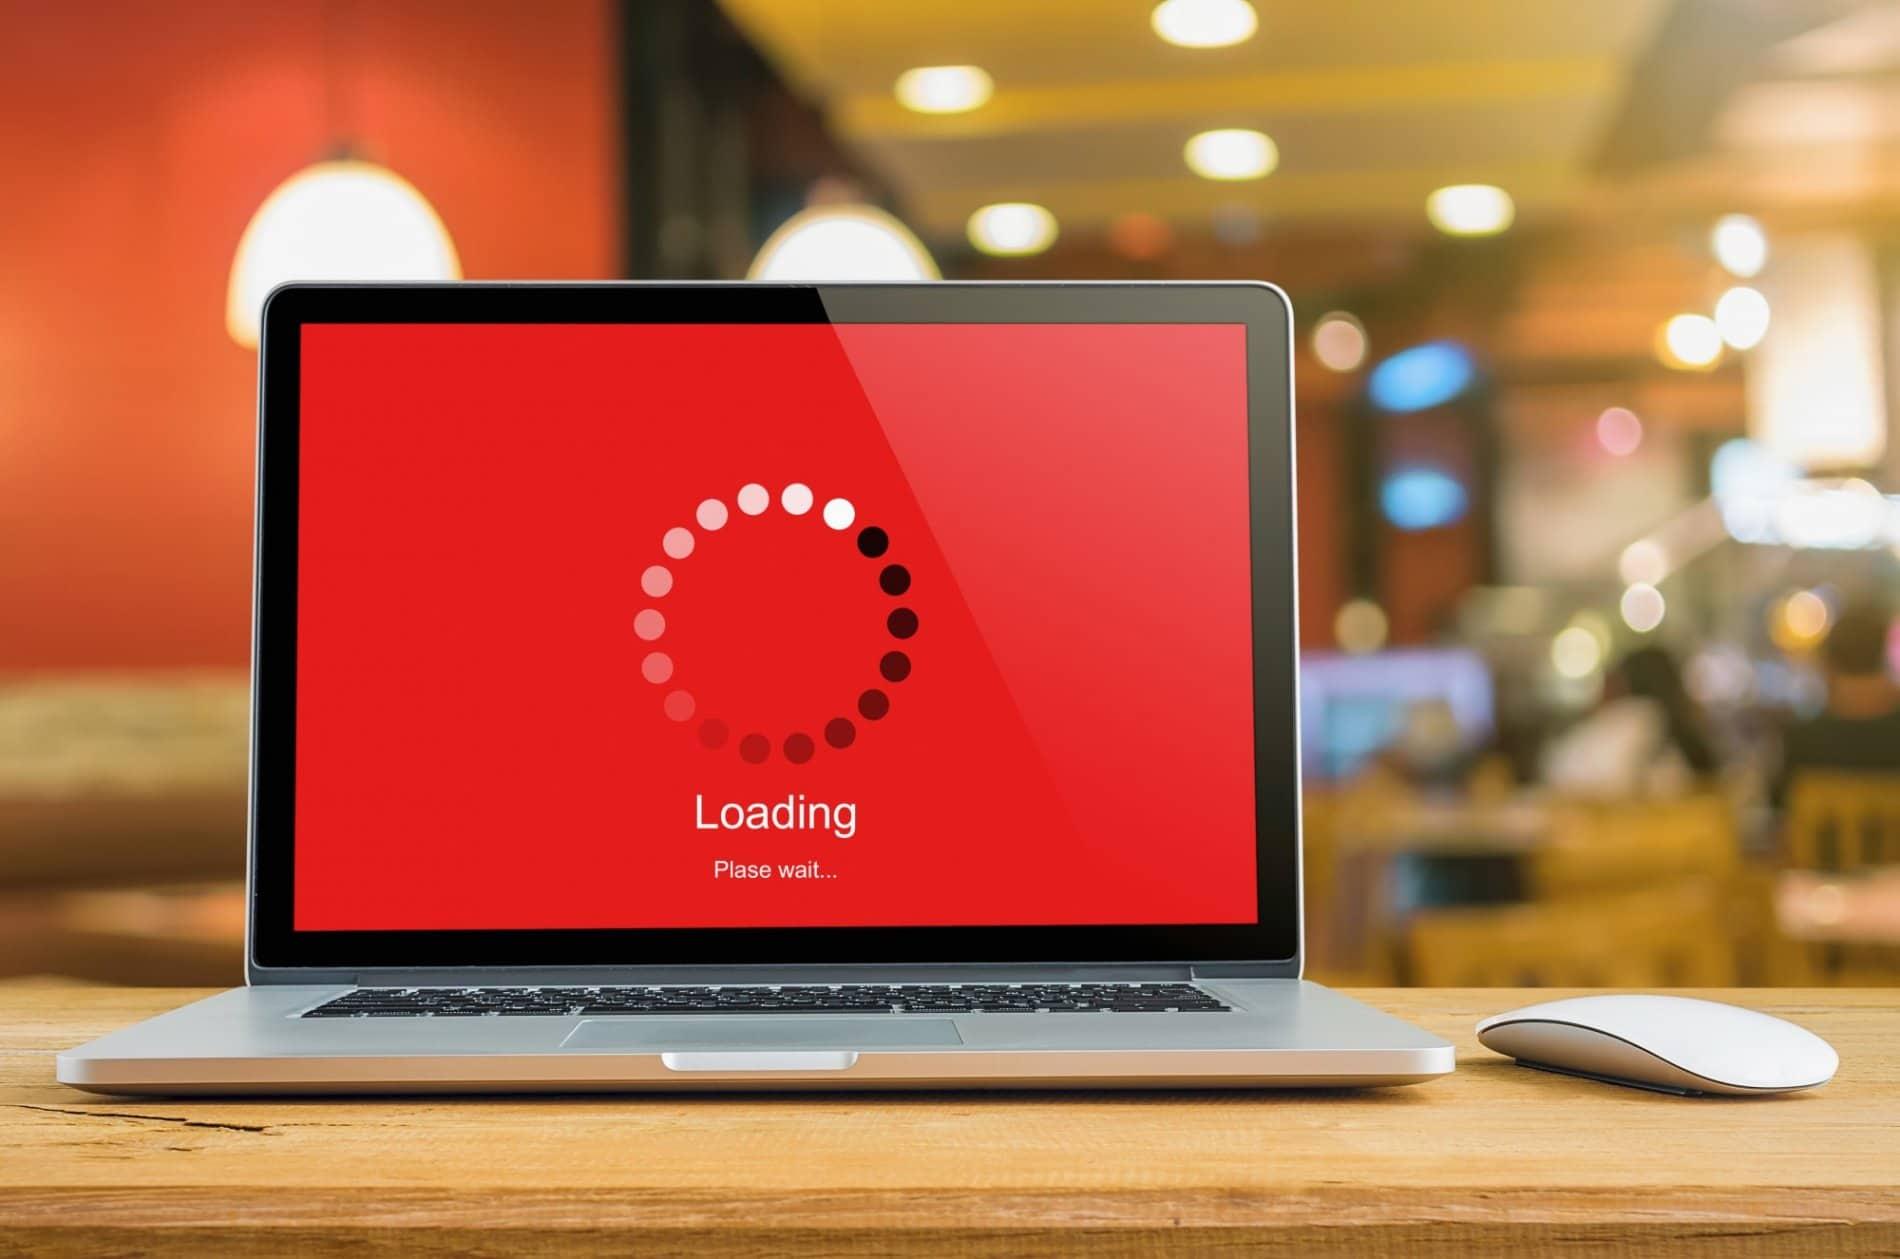 البطئ في عملية التحميل كسبب لـ اعادة تصميم مواقع الانترنت